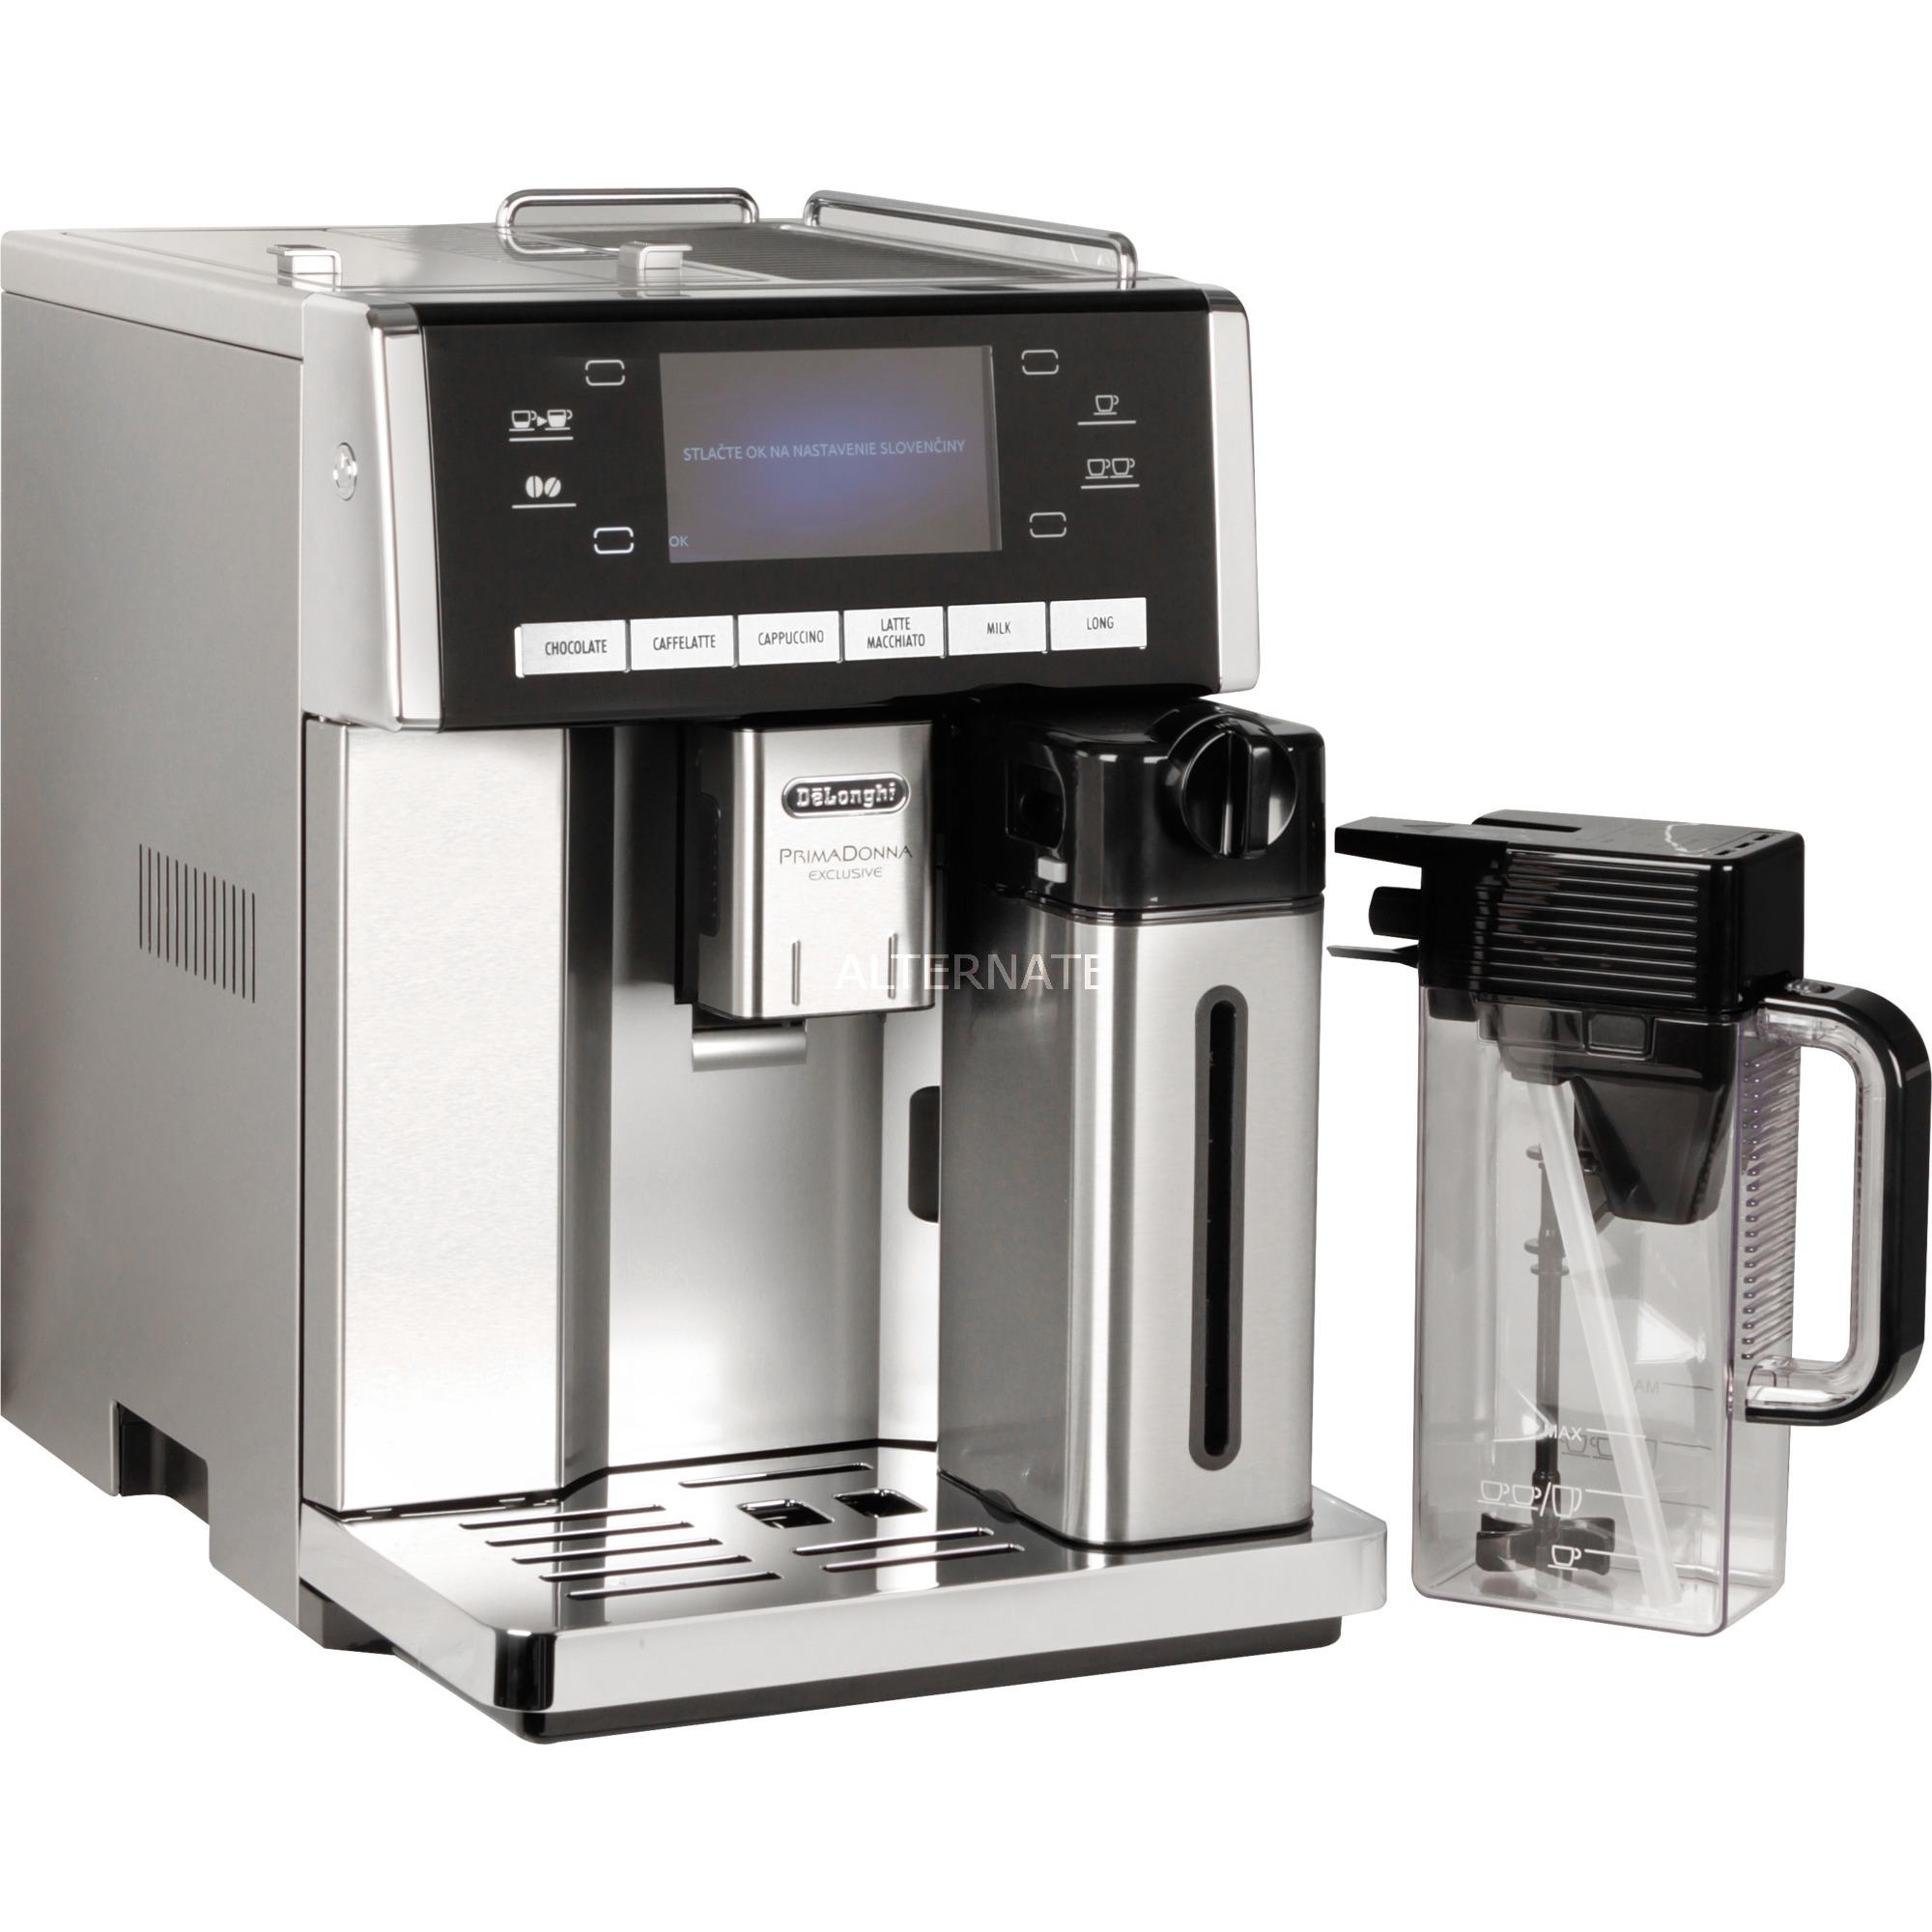 esam-6900m-fritstaaende-fuld-auto-espressomaskine-14l-rustfrit-staal-kaffemaskine-kaffeespresso-automat